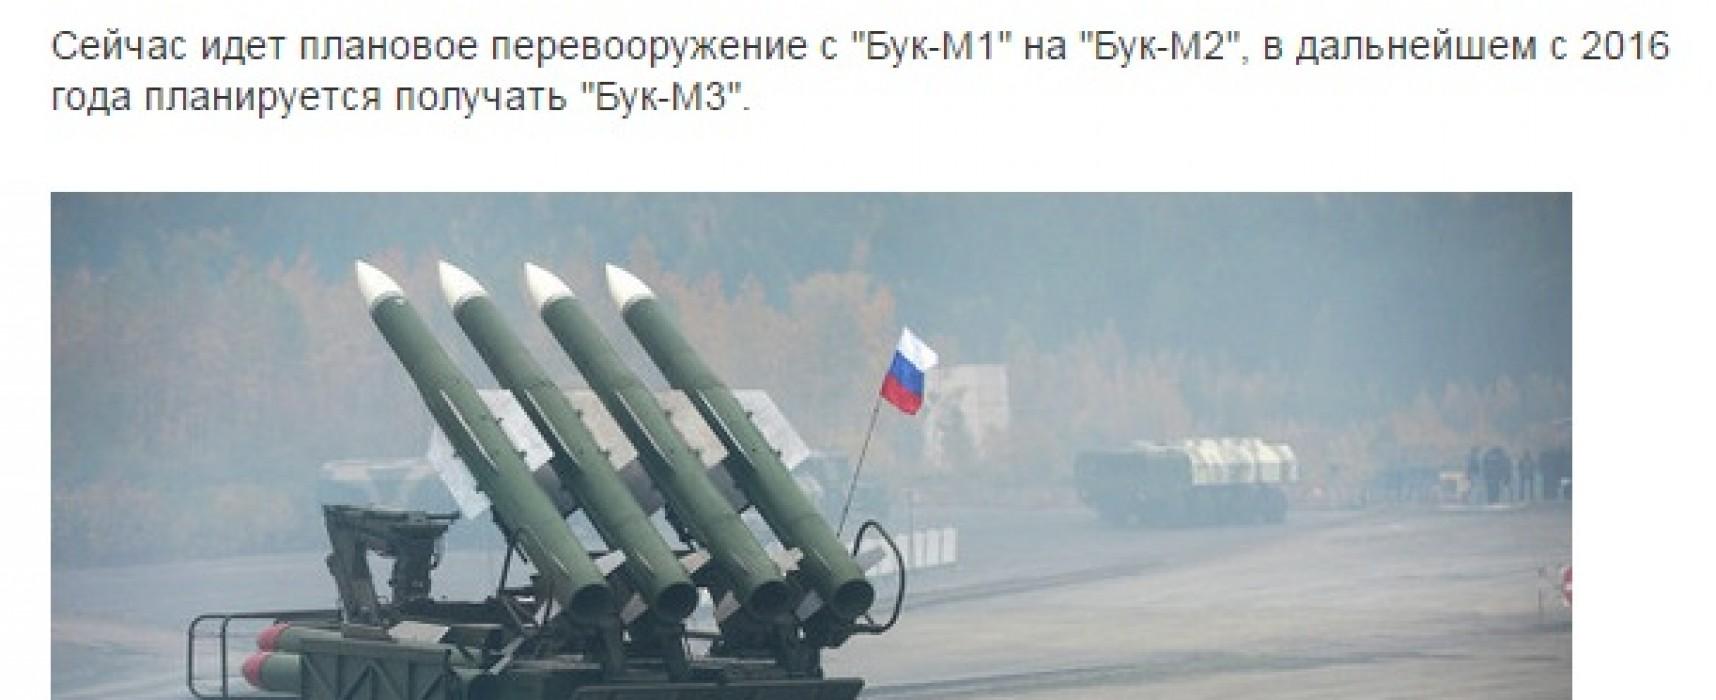 Был ли ракетный комплекс «Бук М1», которым сбили малазийский Boeing, российским?